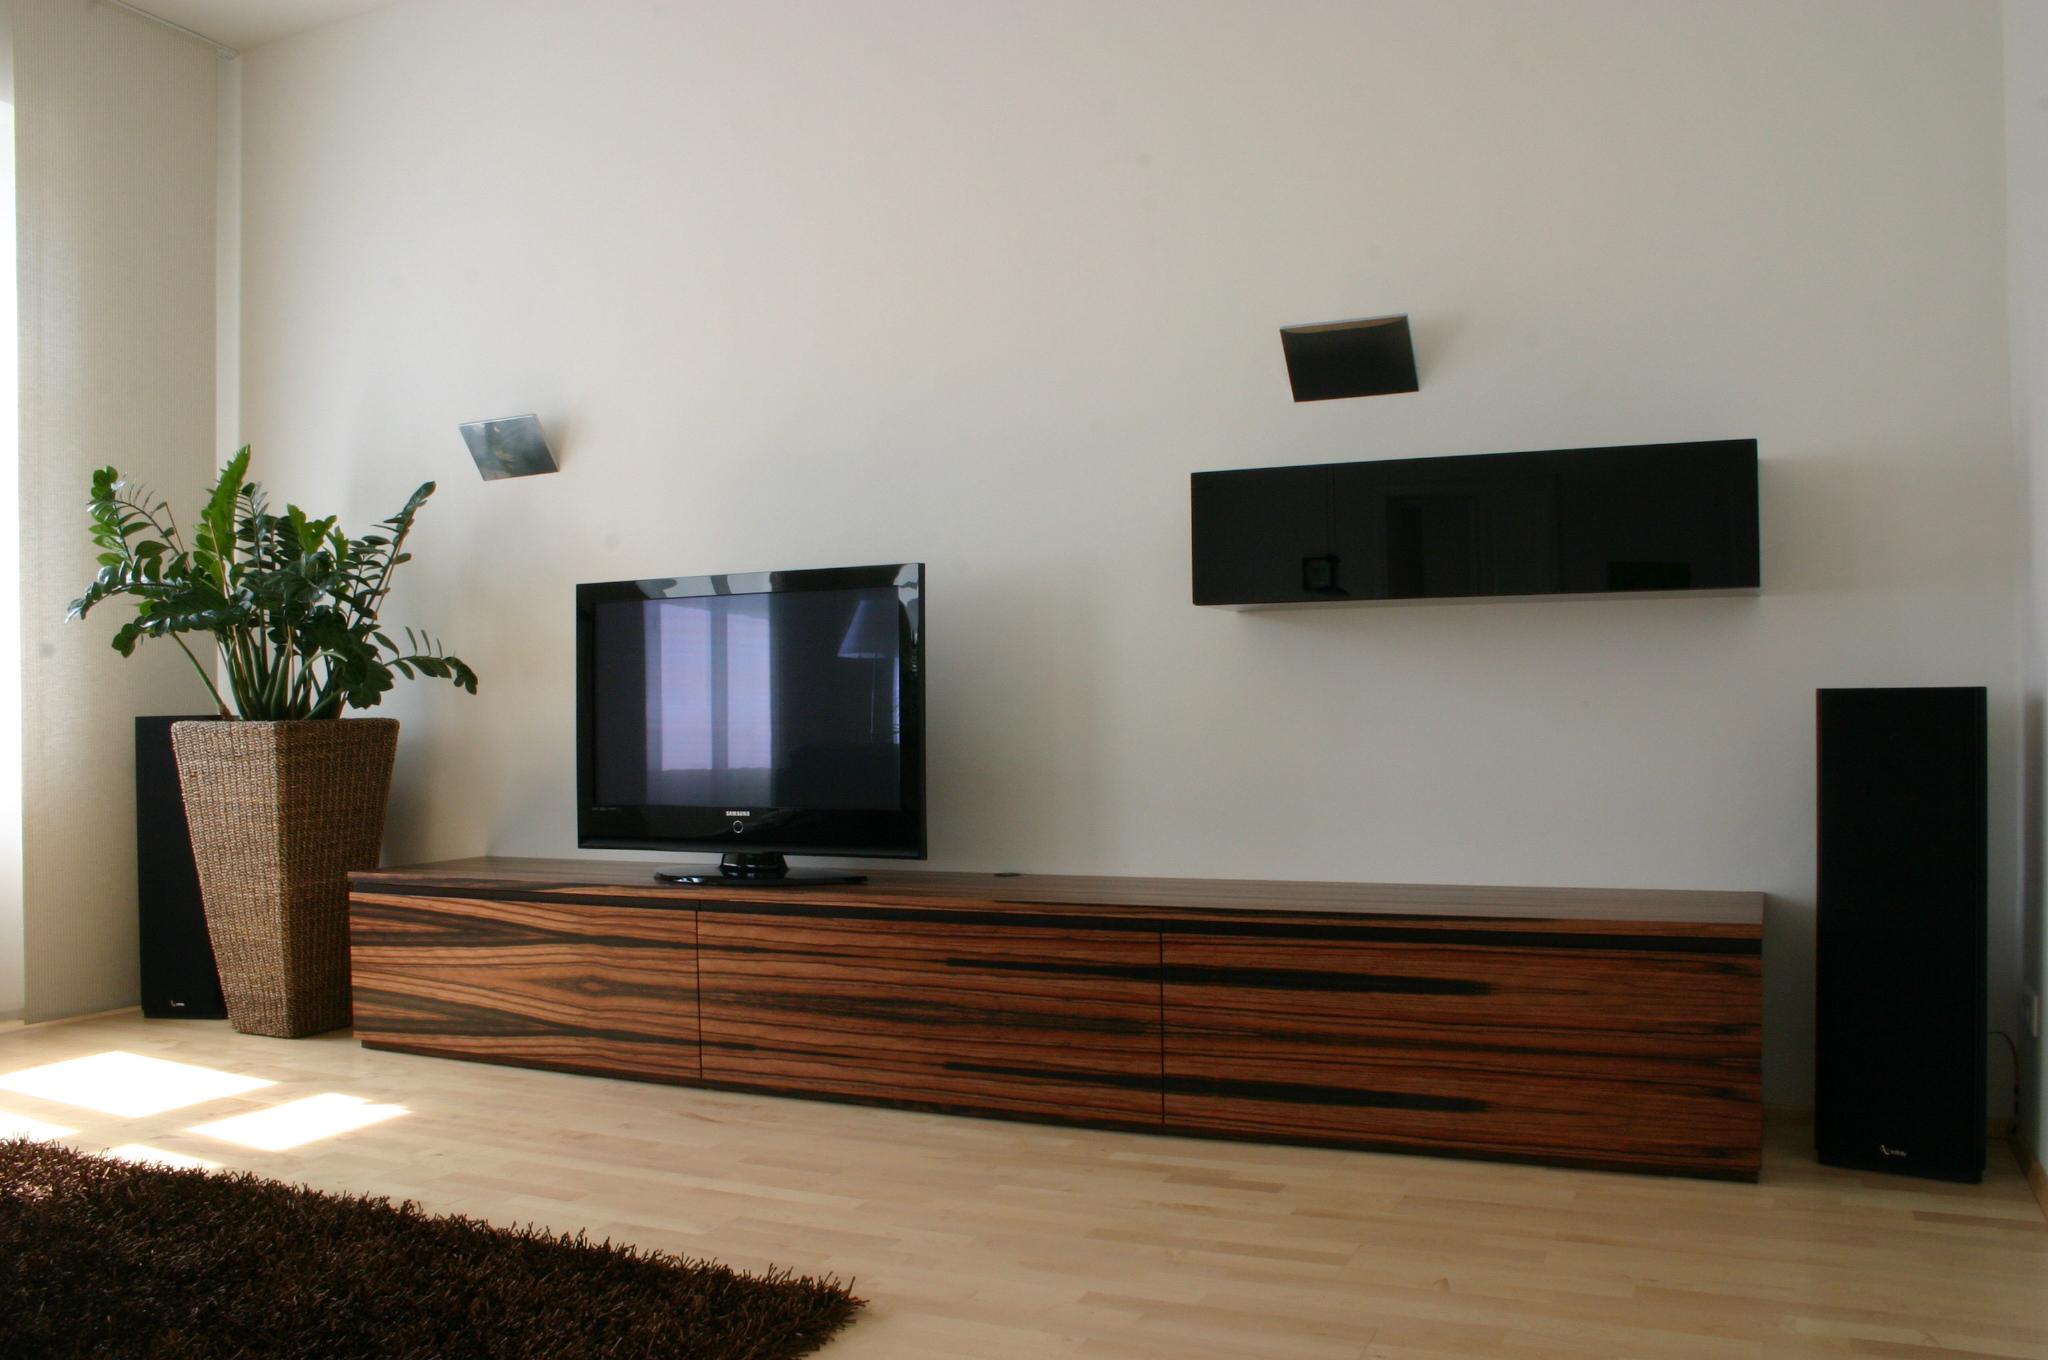 WOHNEN - Ob Wohnzimmer, Schlafzimmer, Küche, oder Badezimmer, wir bieten individuelle Lösungen für Ihren Wohnraum.